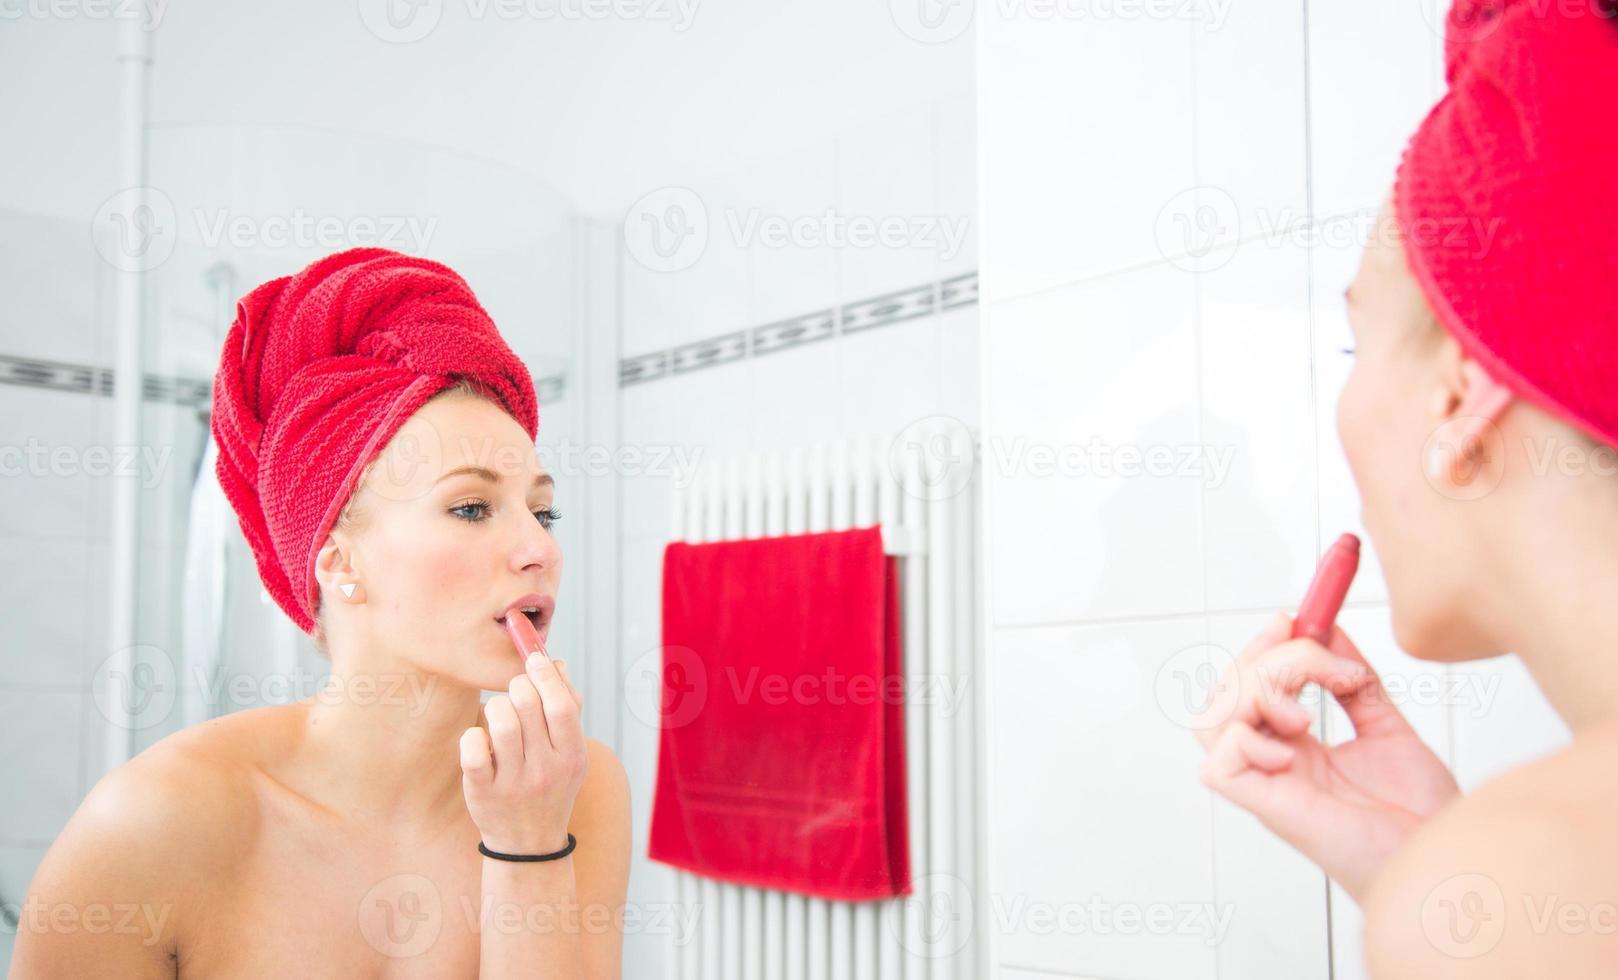 niña se mira en un espejo foto